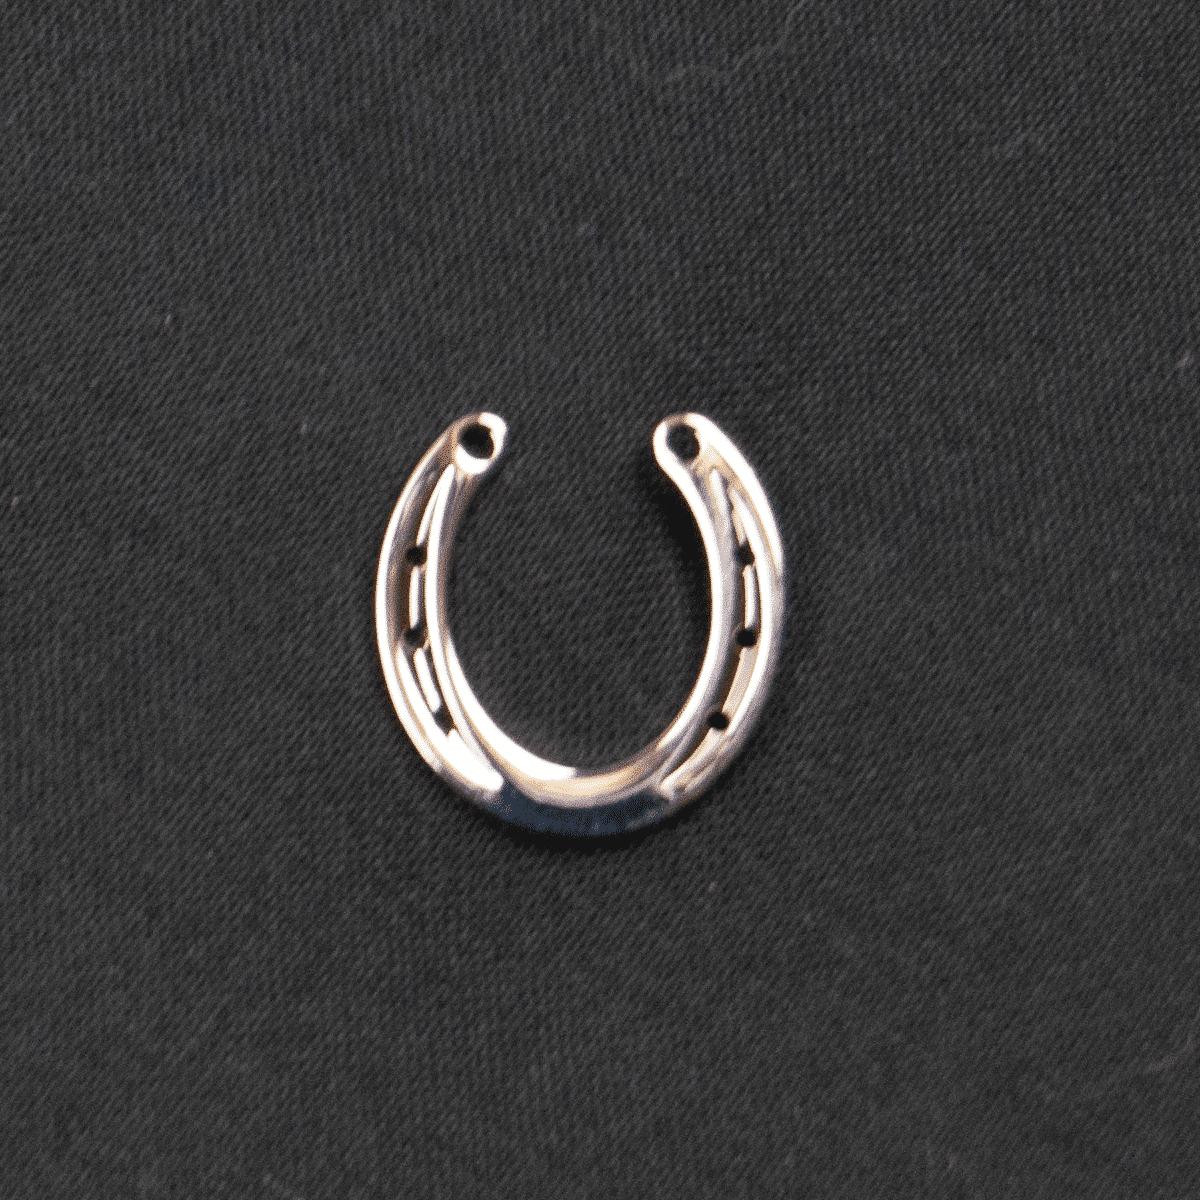 Smycke- en pin med en hästsko